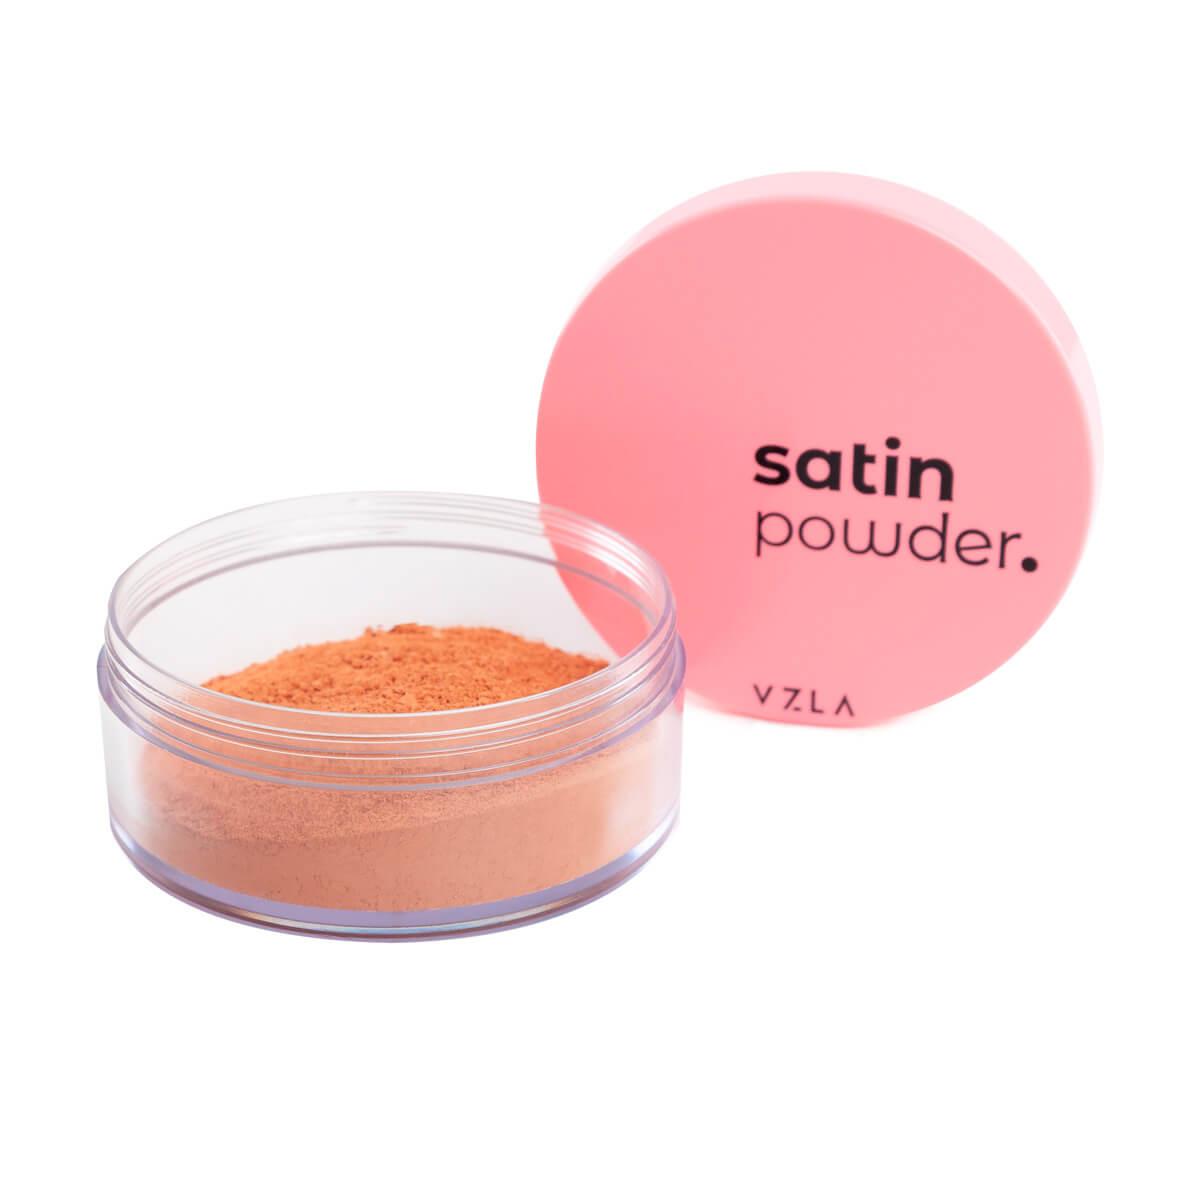 Satin Powder Vizzela Cor 3 Pó Solto Ultrafino Acabamento Acetinado